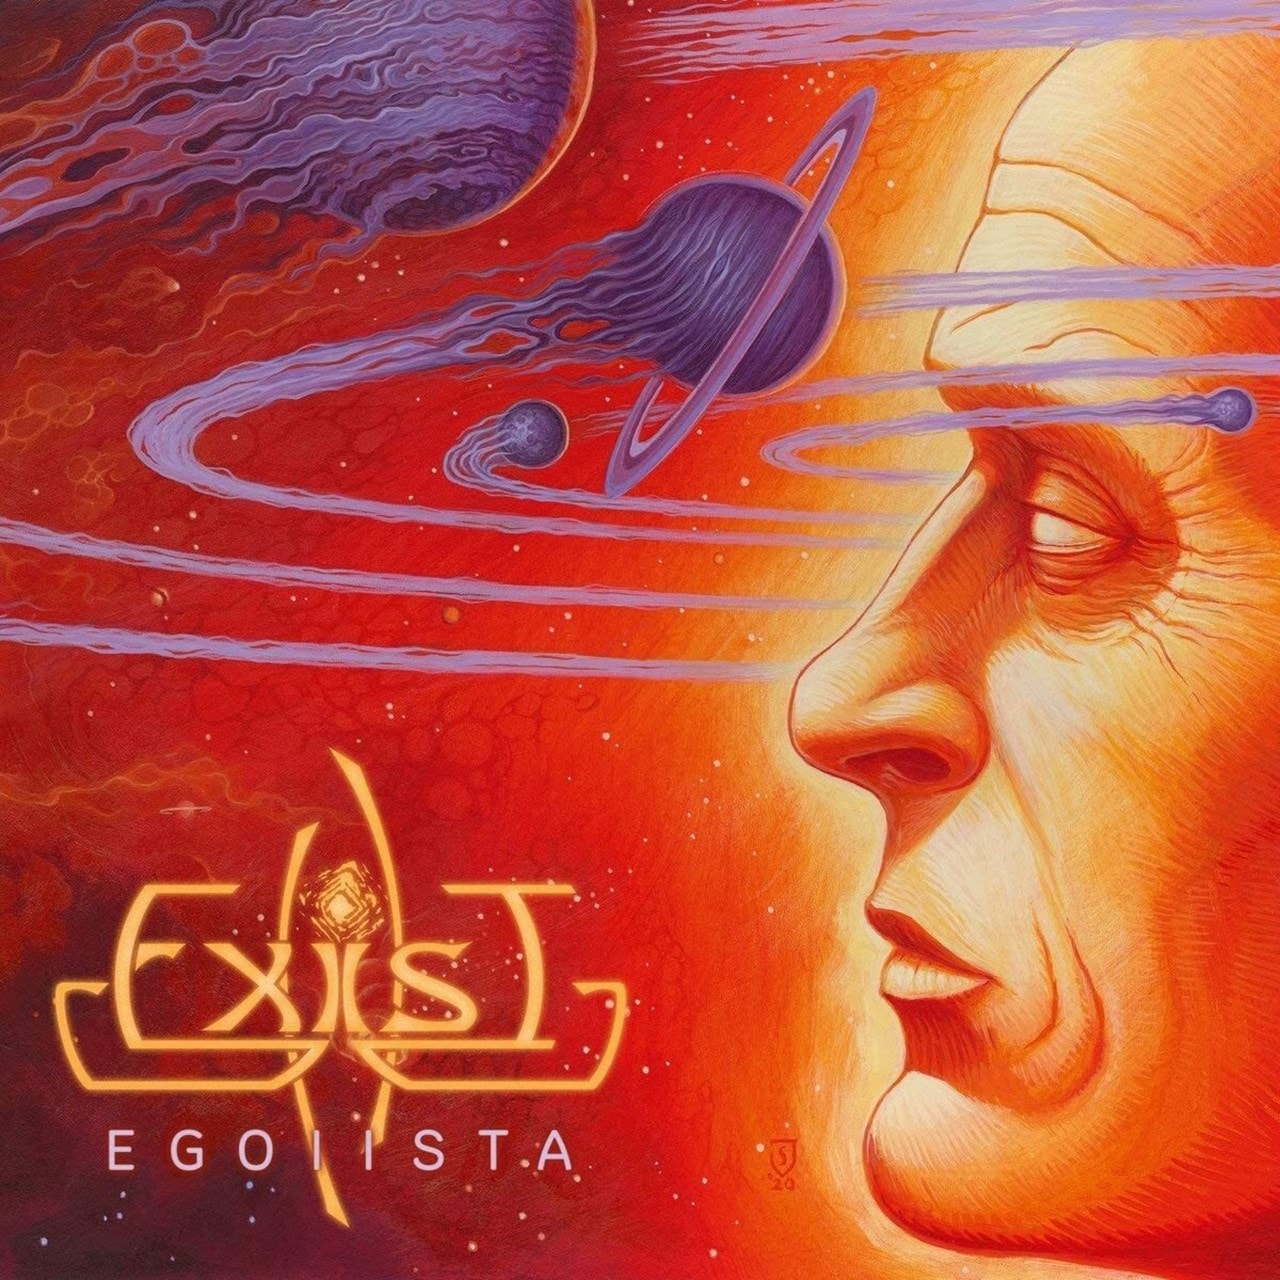 Egoiista - 1